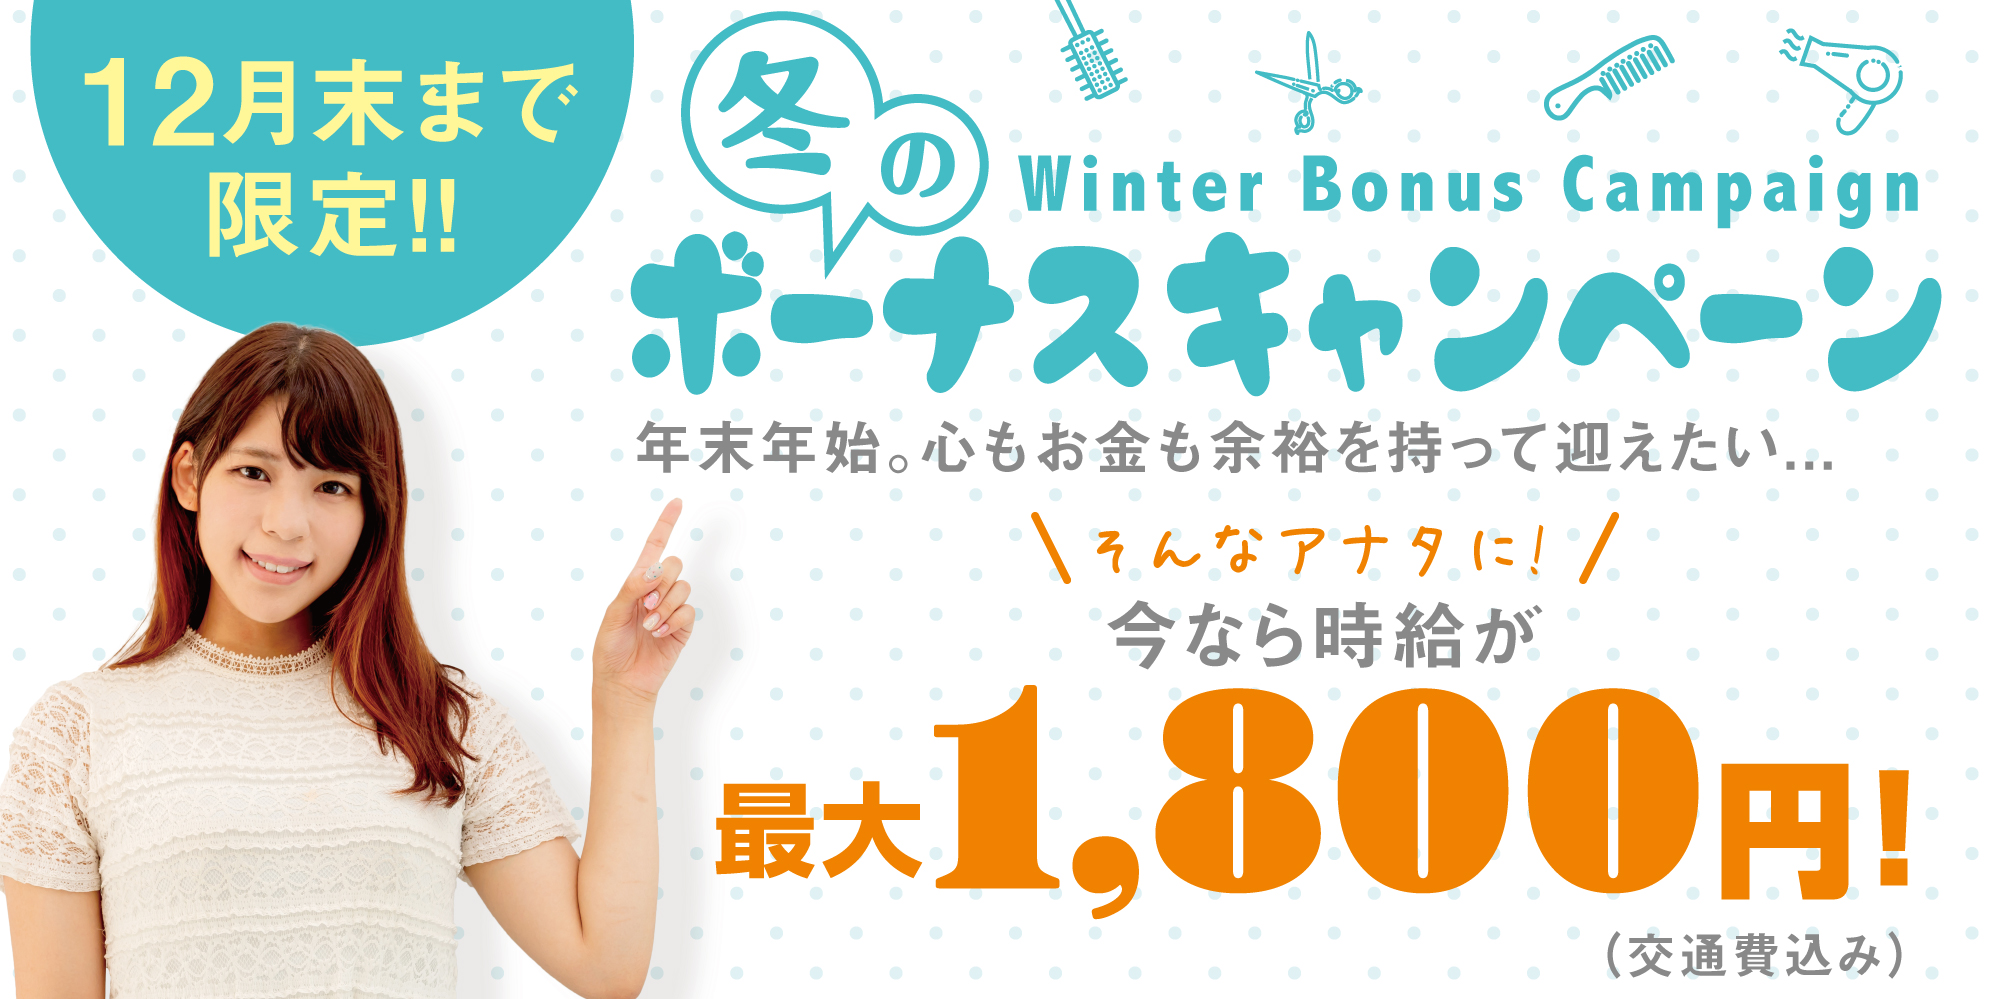 【新規登録キャスト限定】冬のボーナスキャンペーン